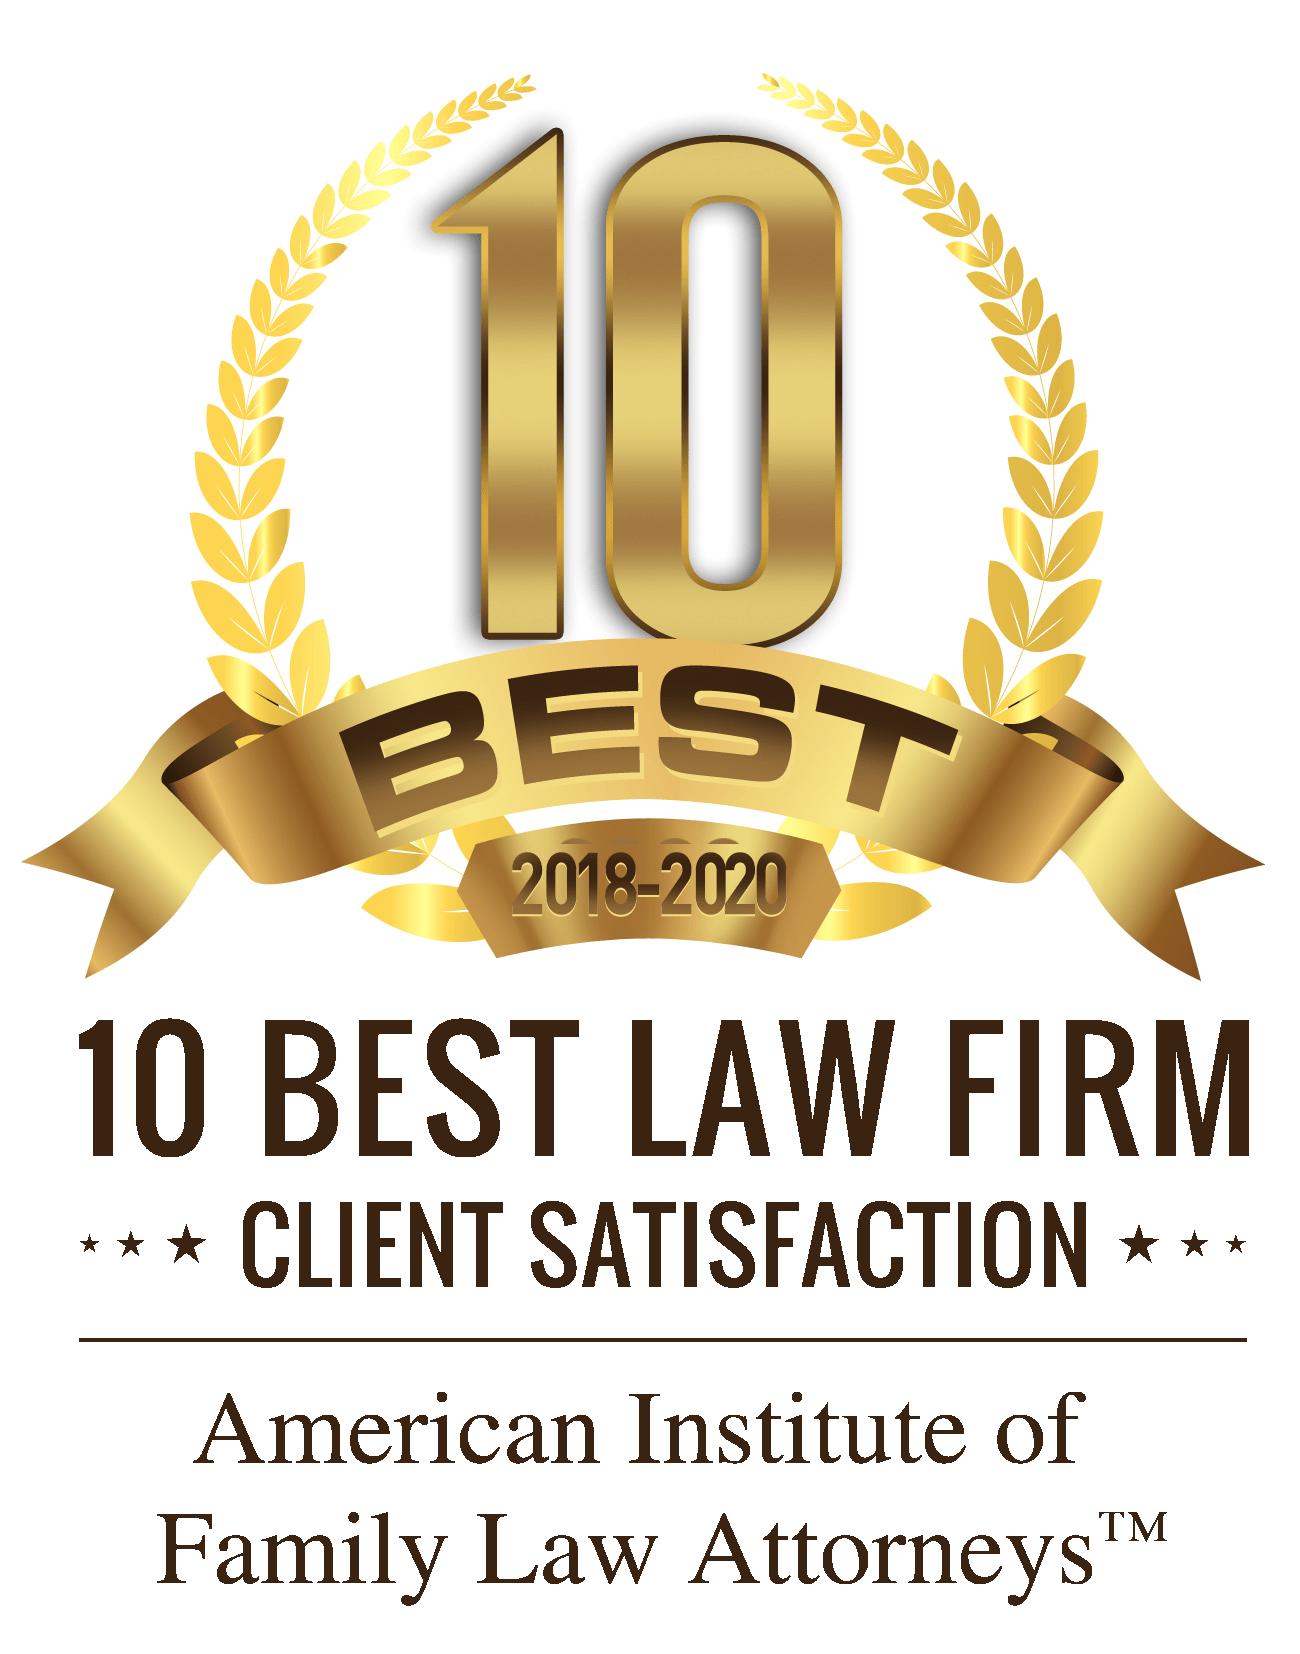 Best divorce attorneys award